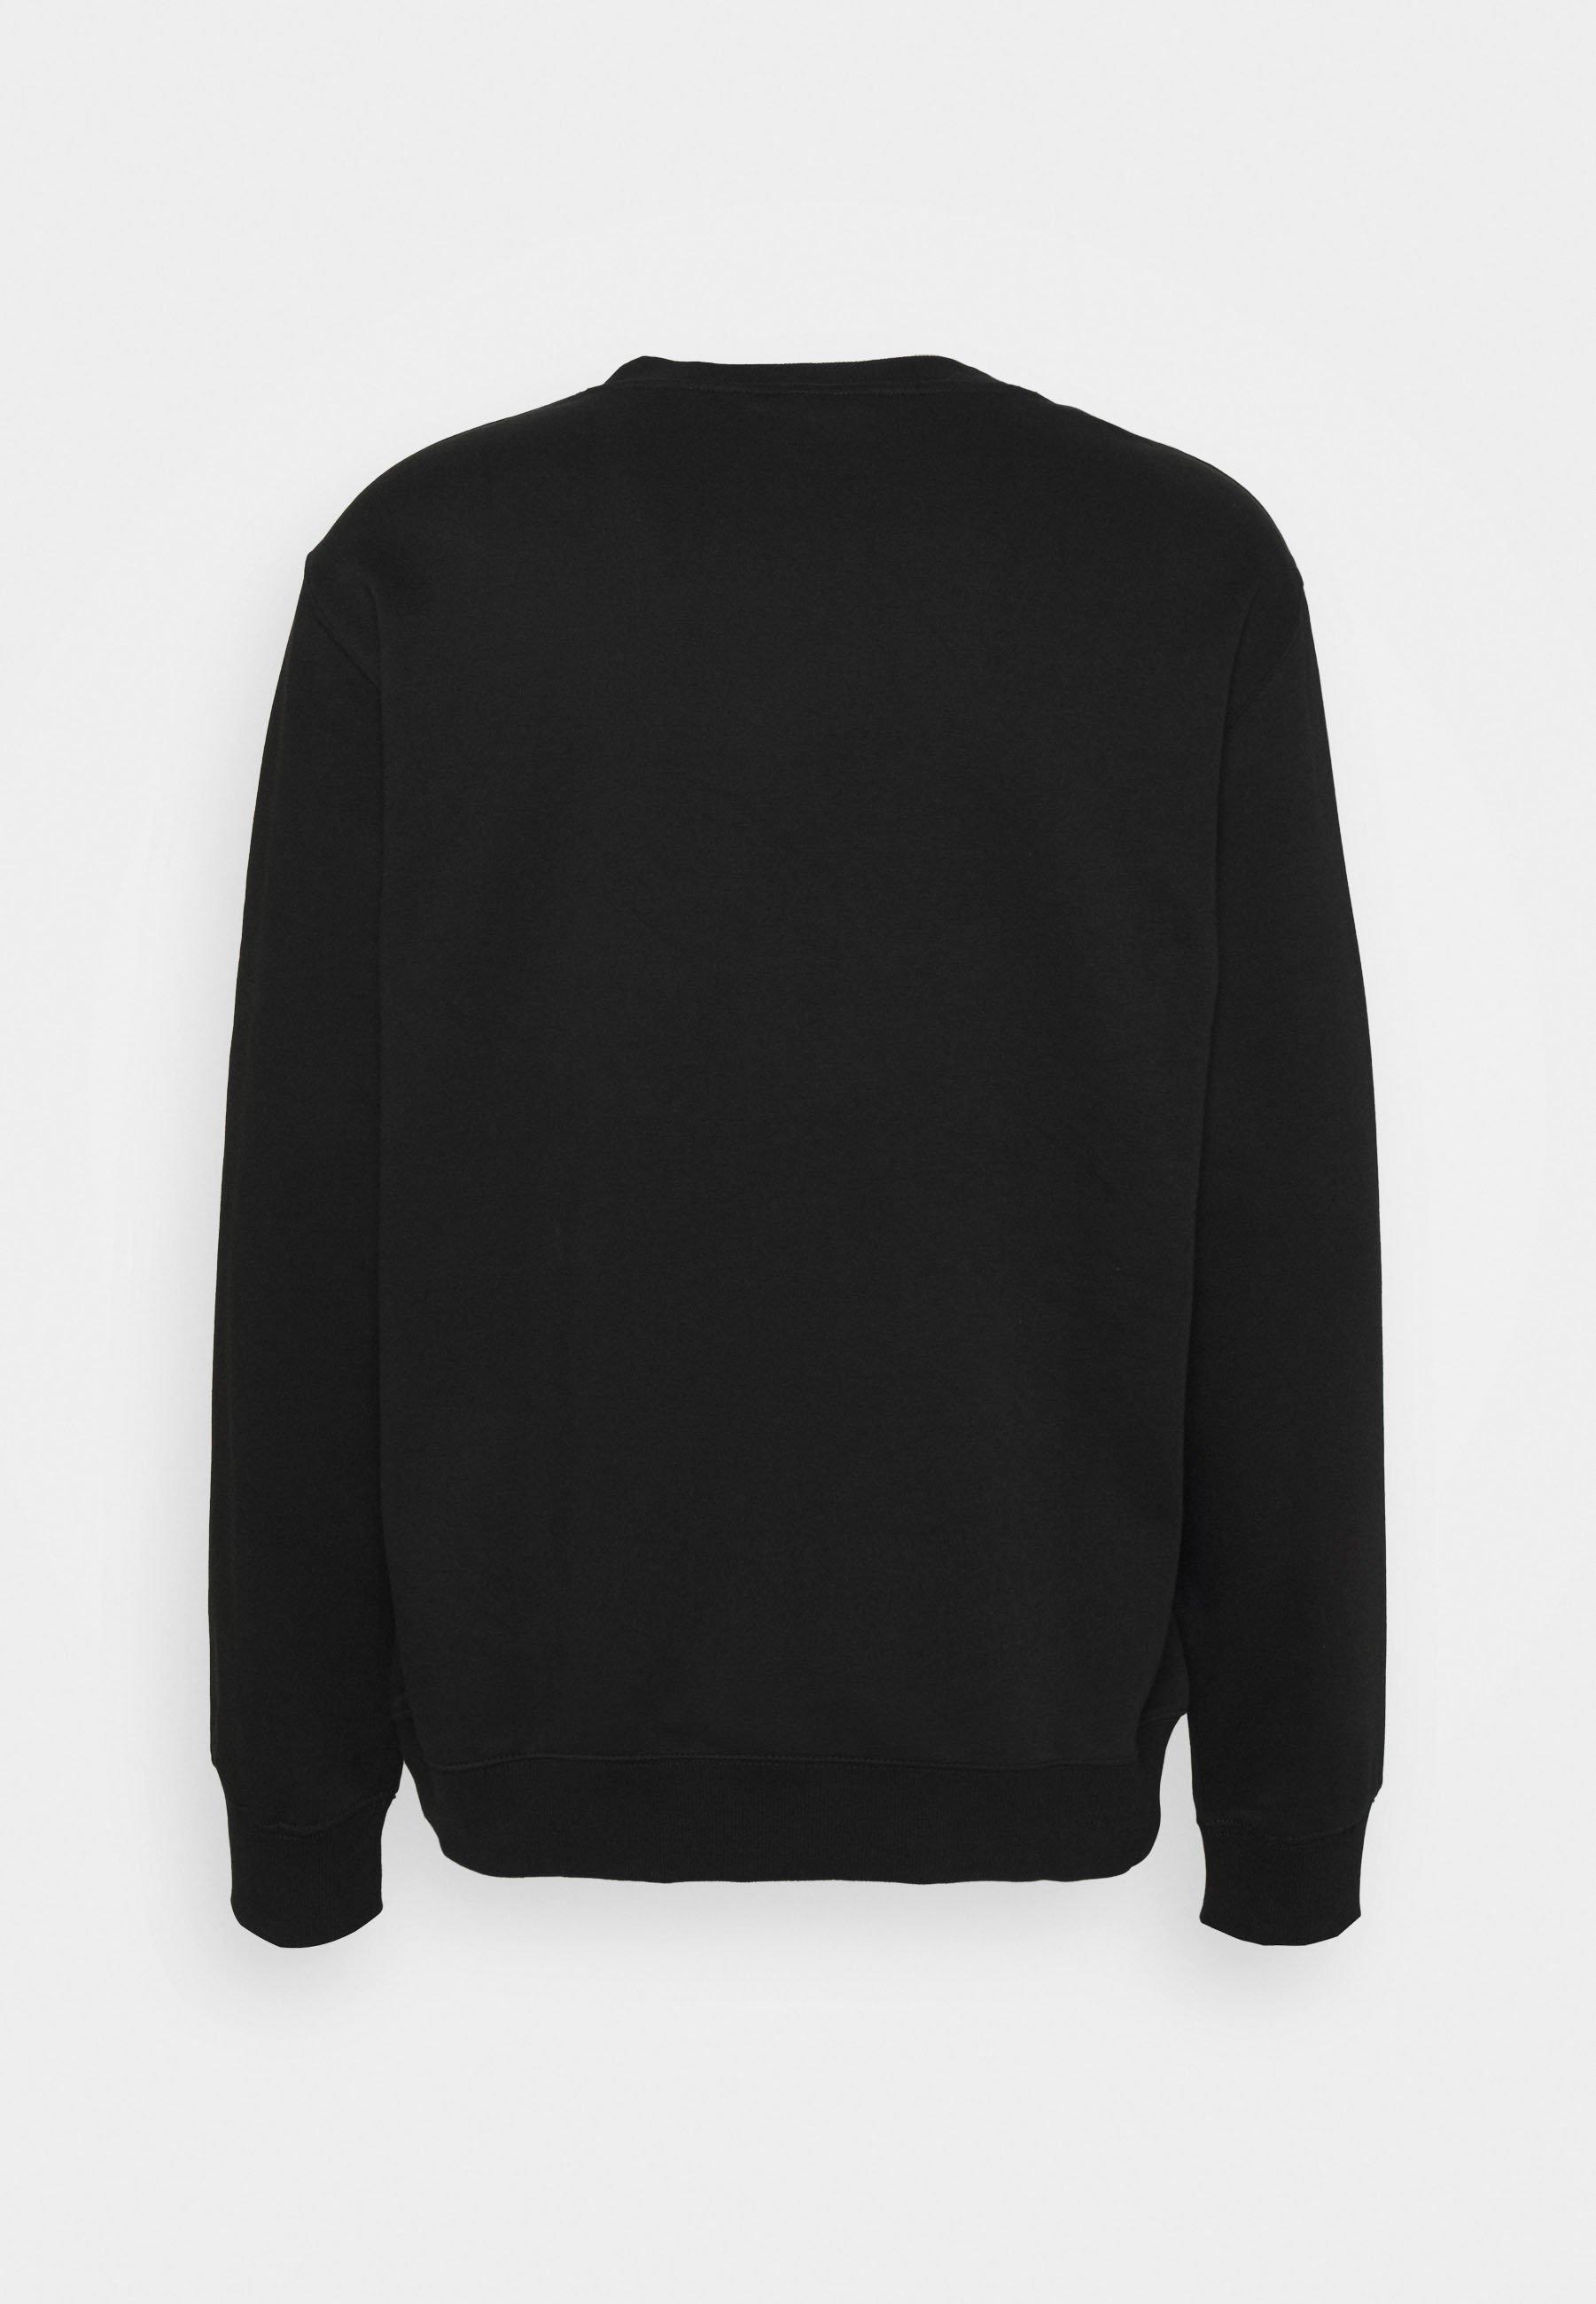 Weekday Standard Printed - Sweatshirt Black/svart